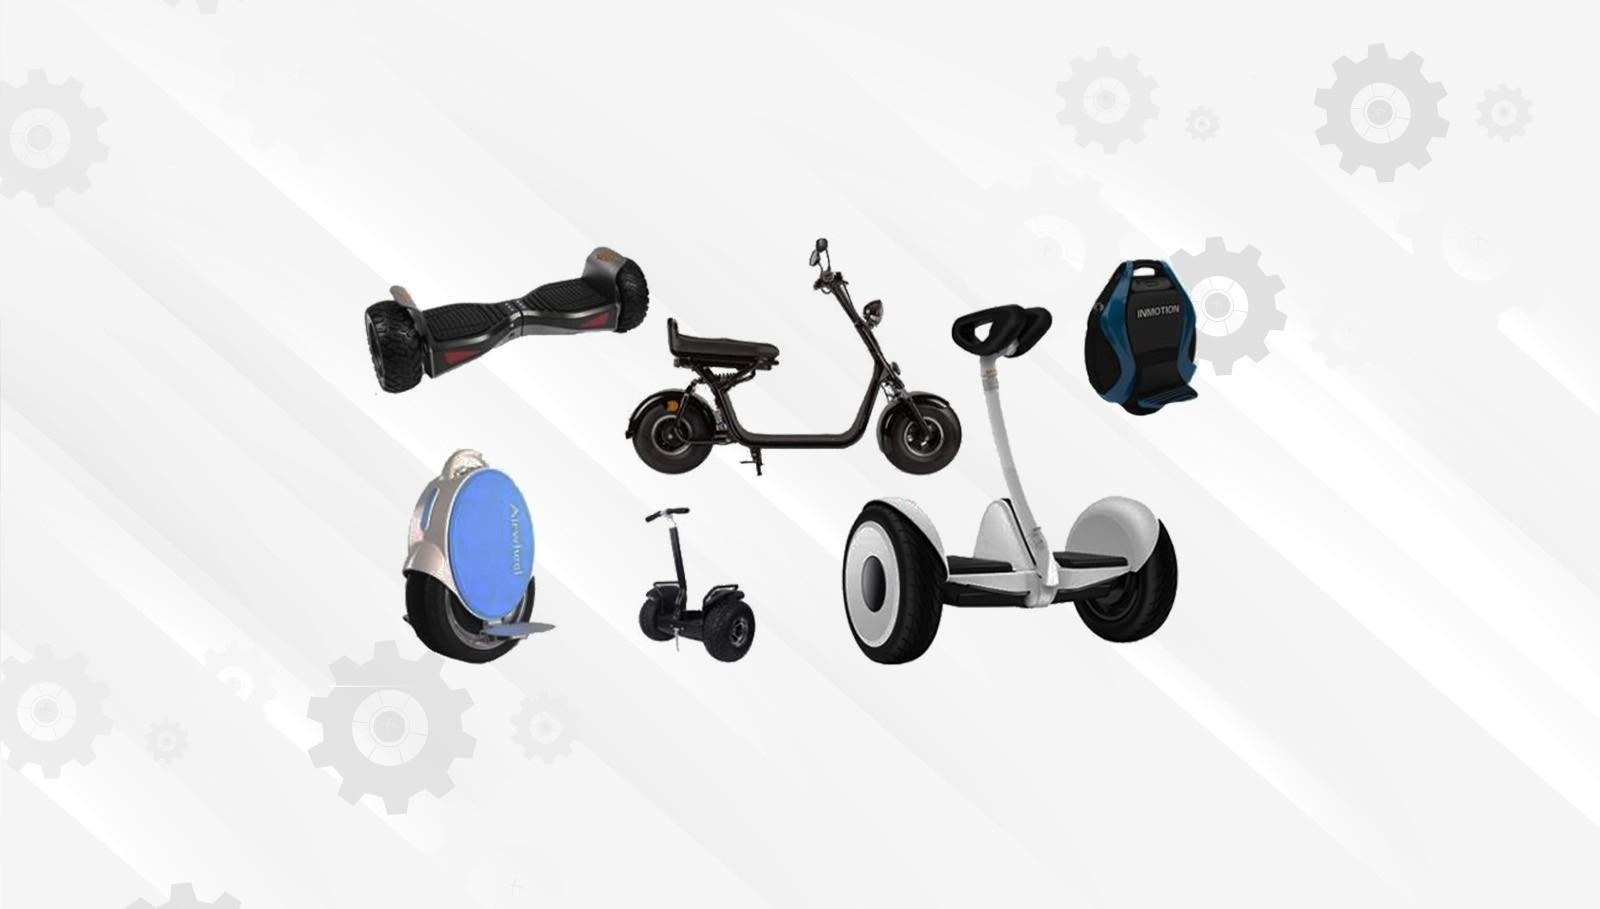 Бесплатная накачка колёс электротранспорта - СЦ Технодоктор